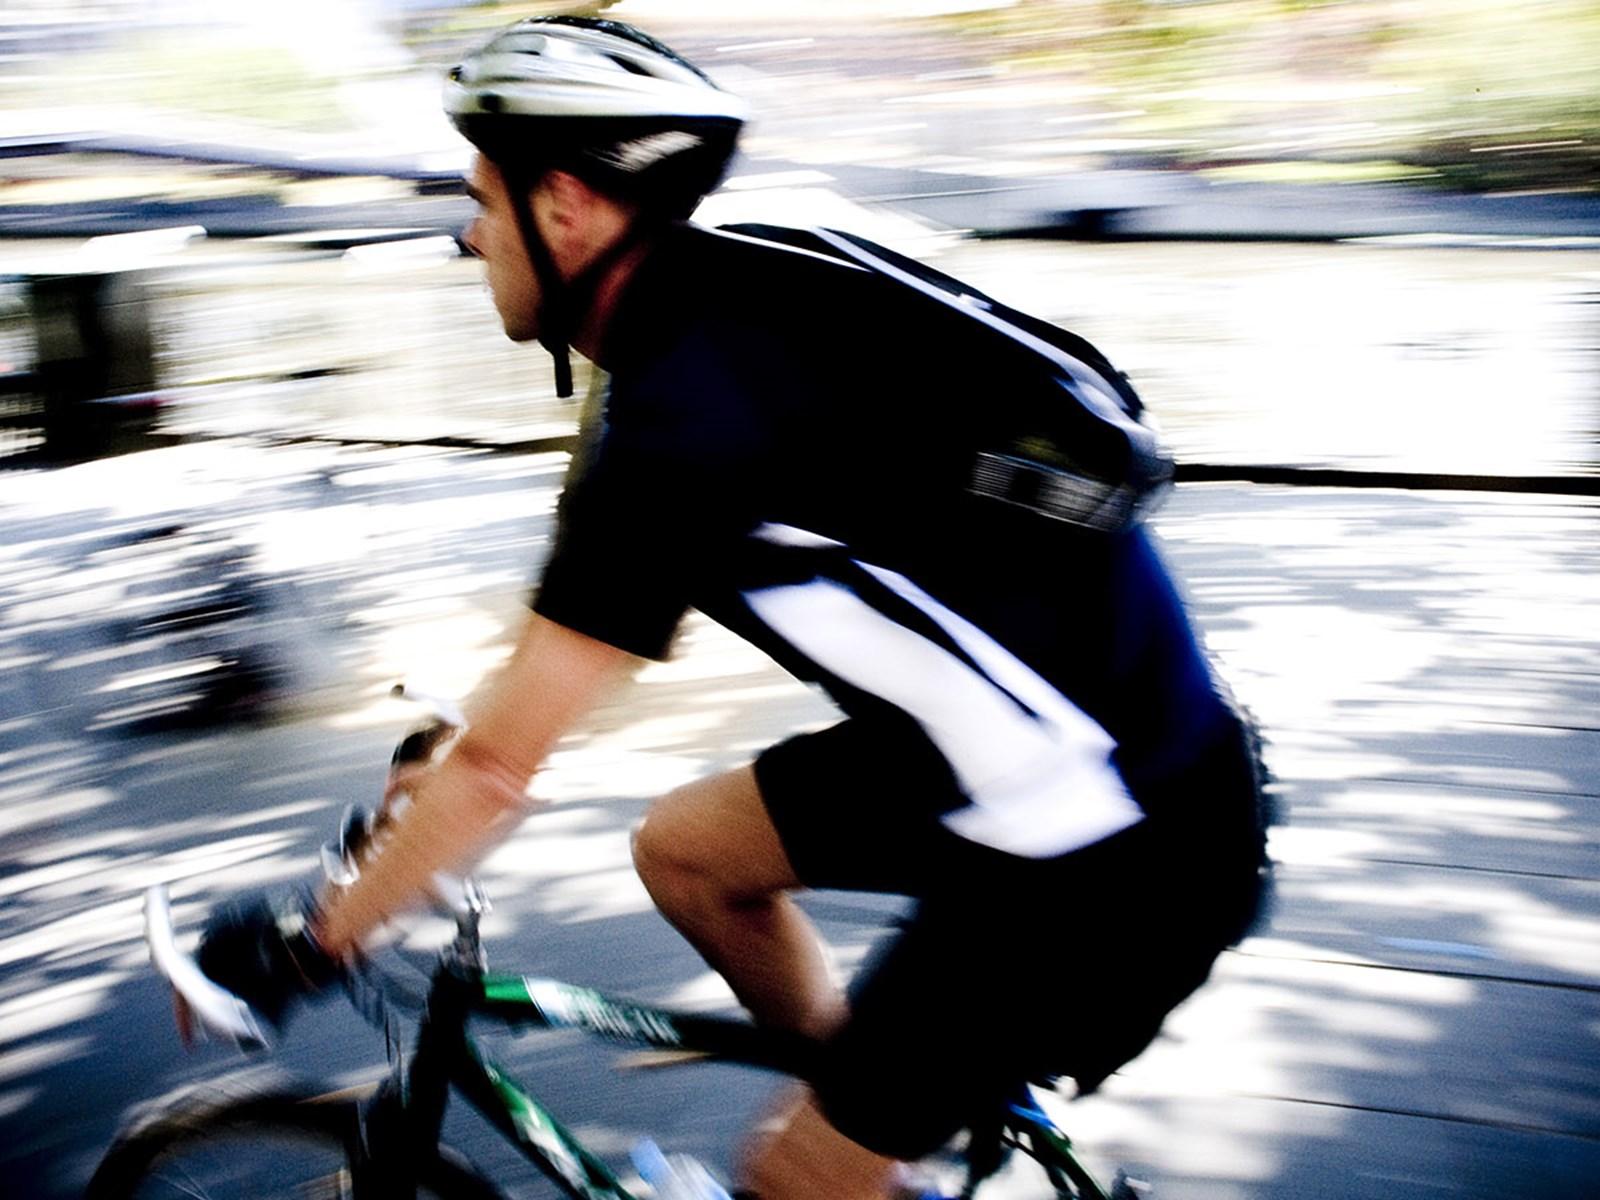 Cycling, Melbourne, Victoria, Australia